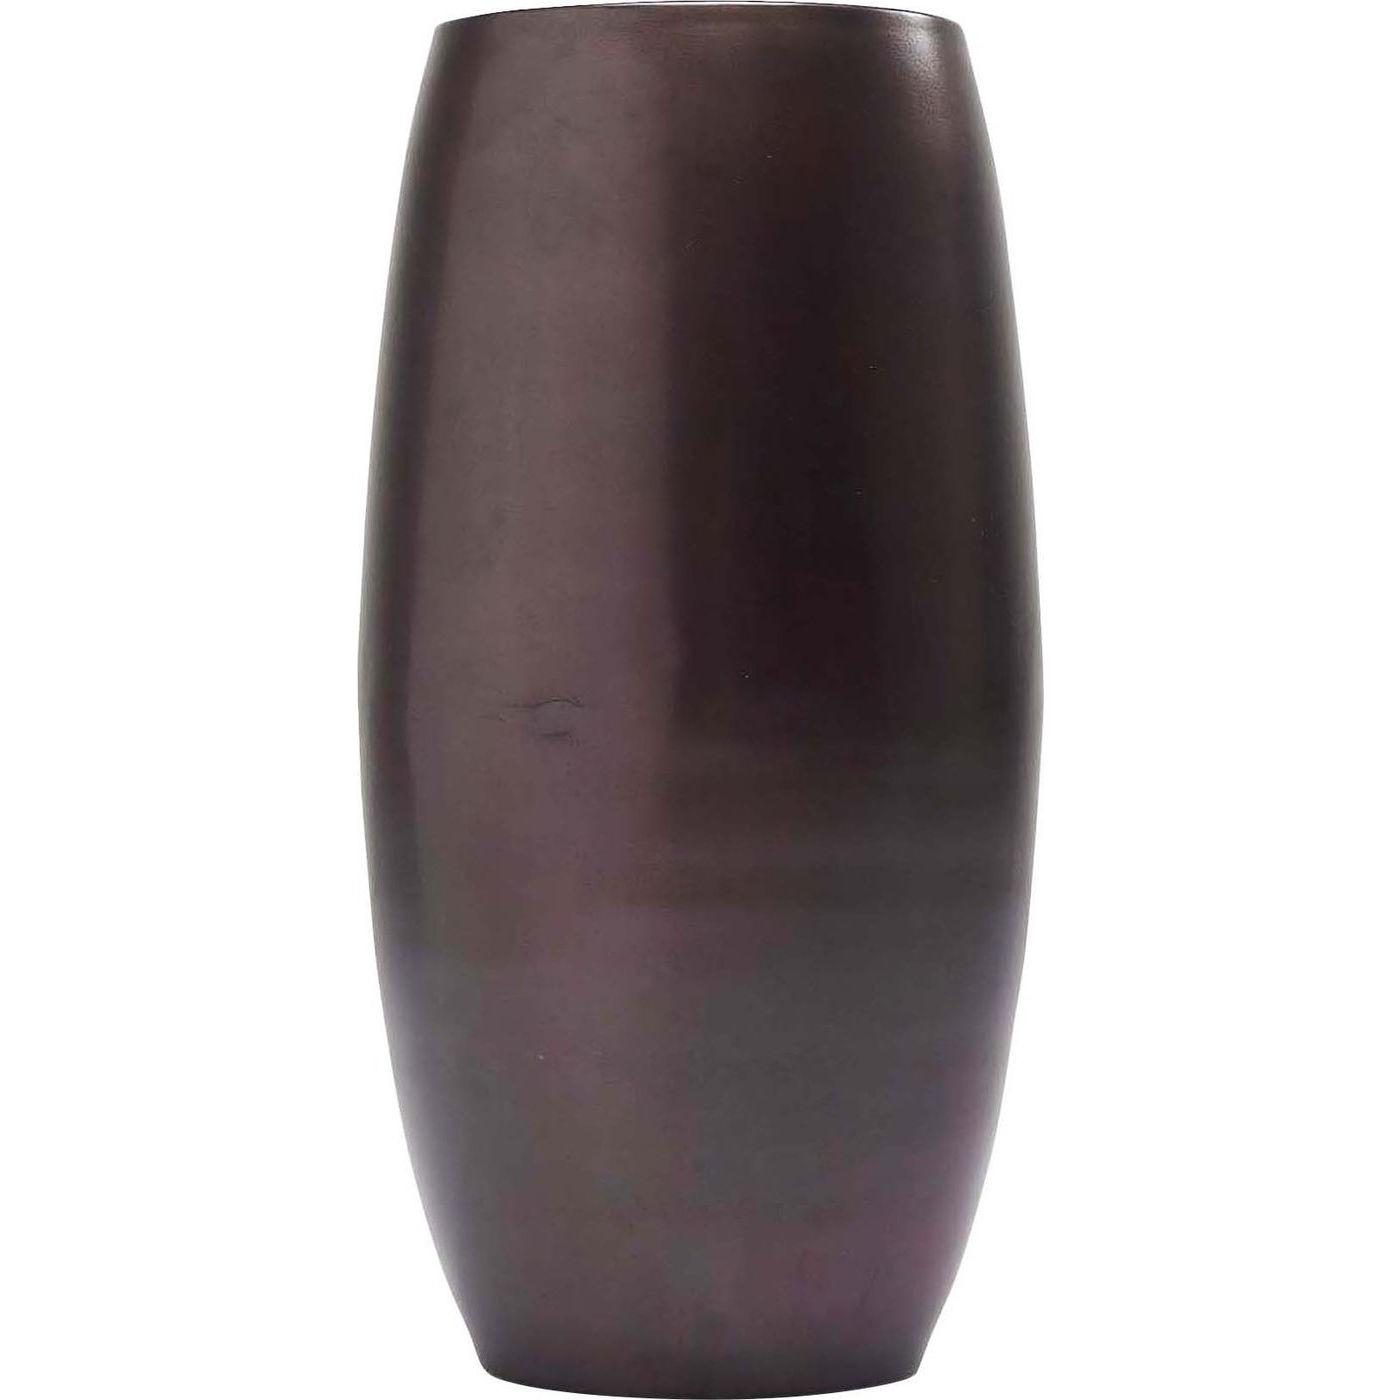 Kare design shadow vase - stål fra kare design på boboonline.dk